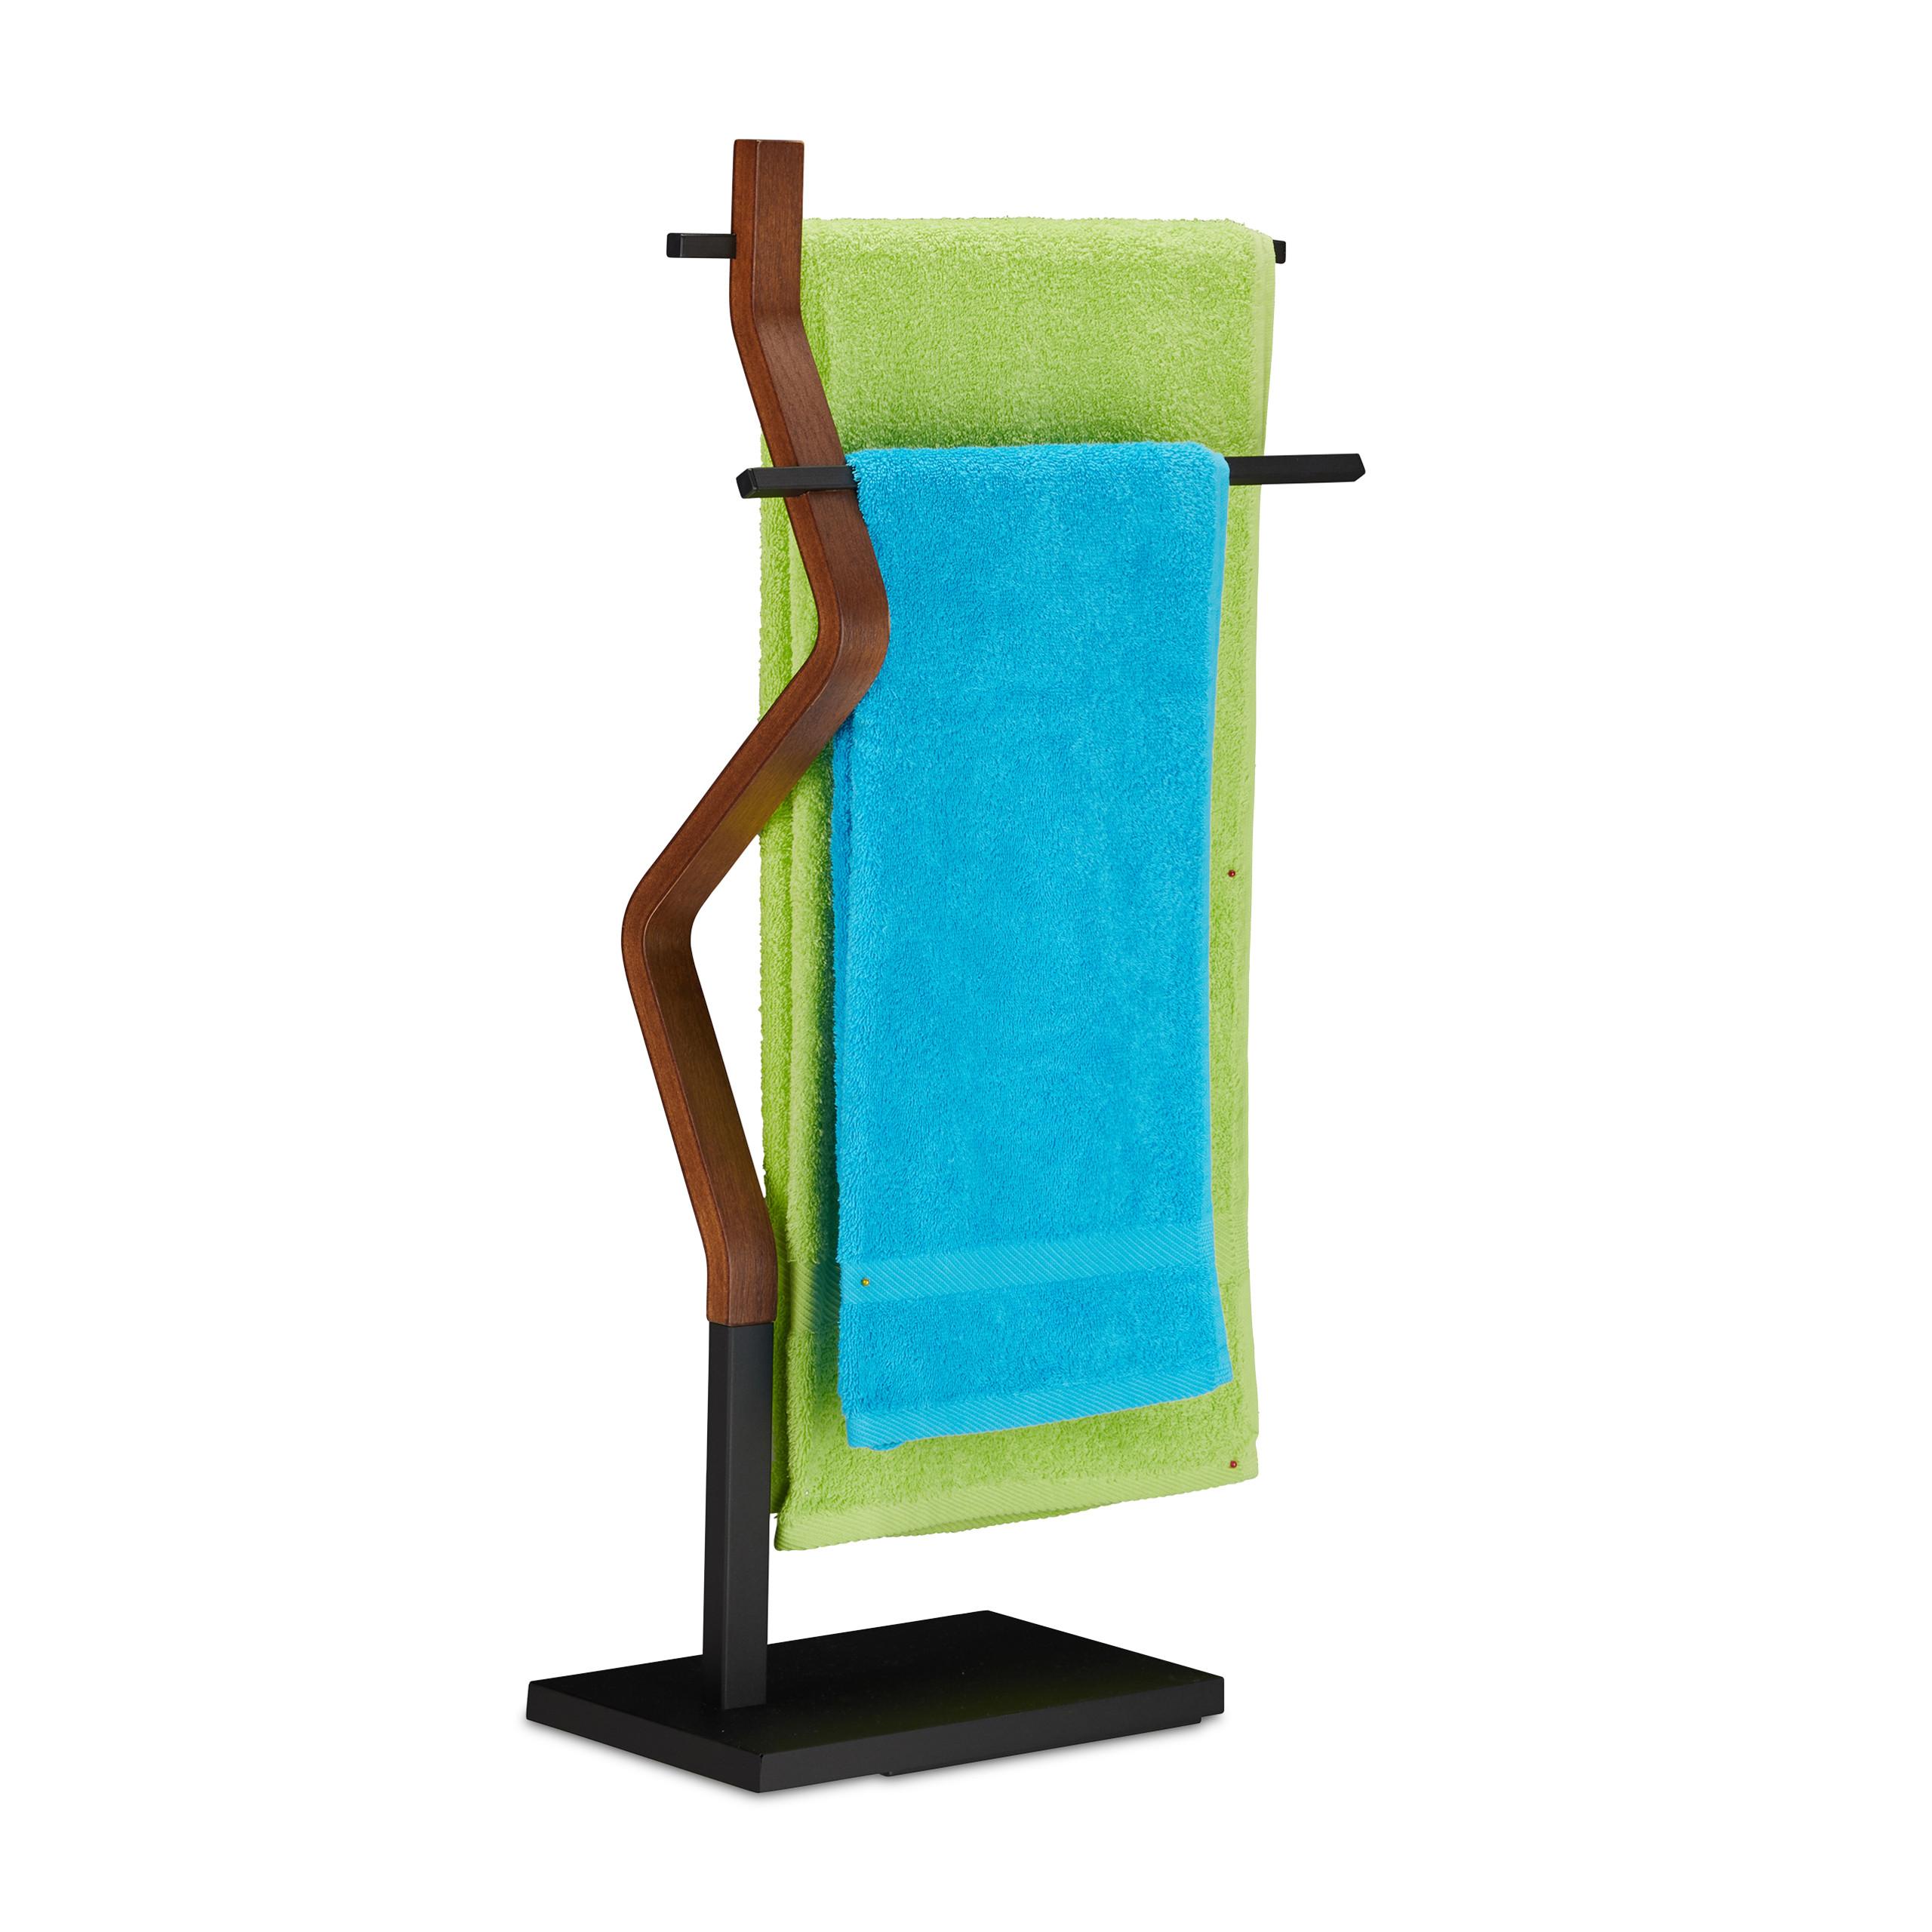 Handtuchhalter stehend Badetuchhalter Handtuchständer